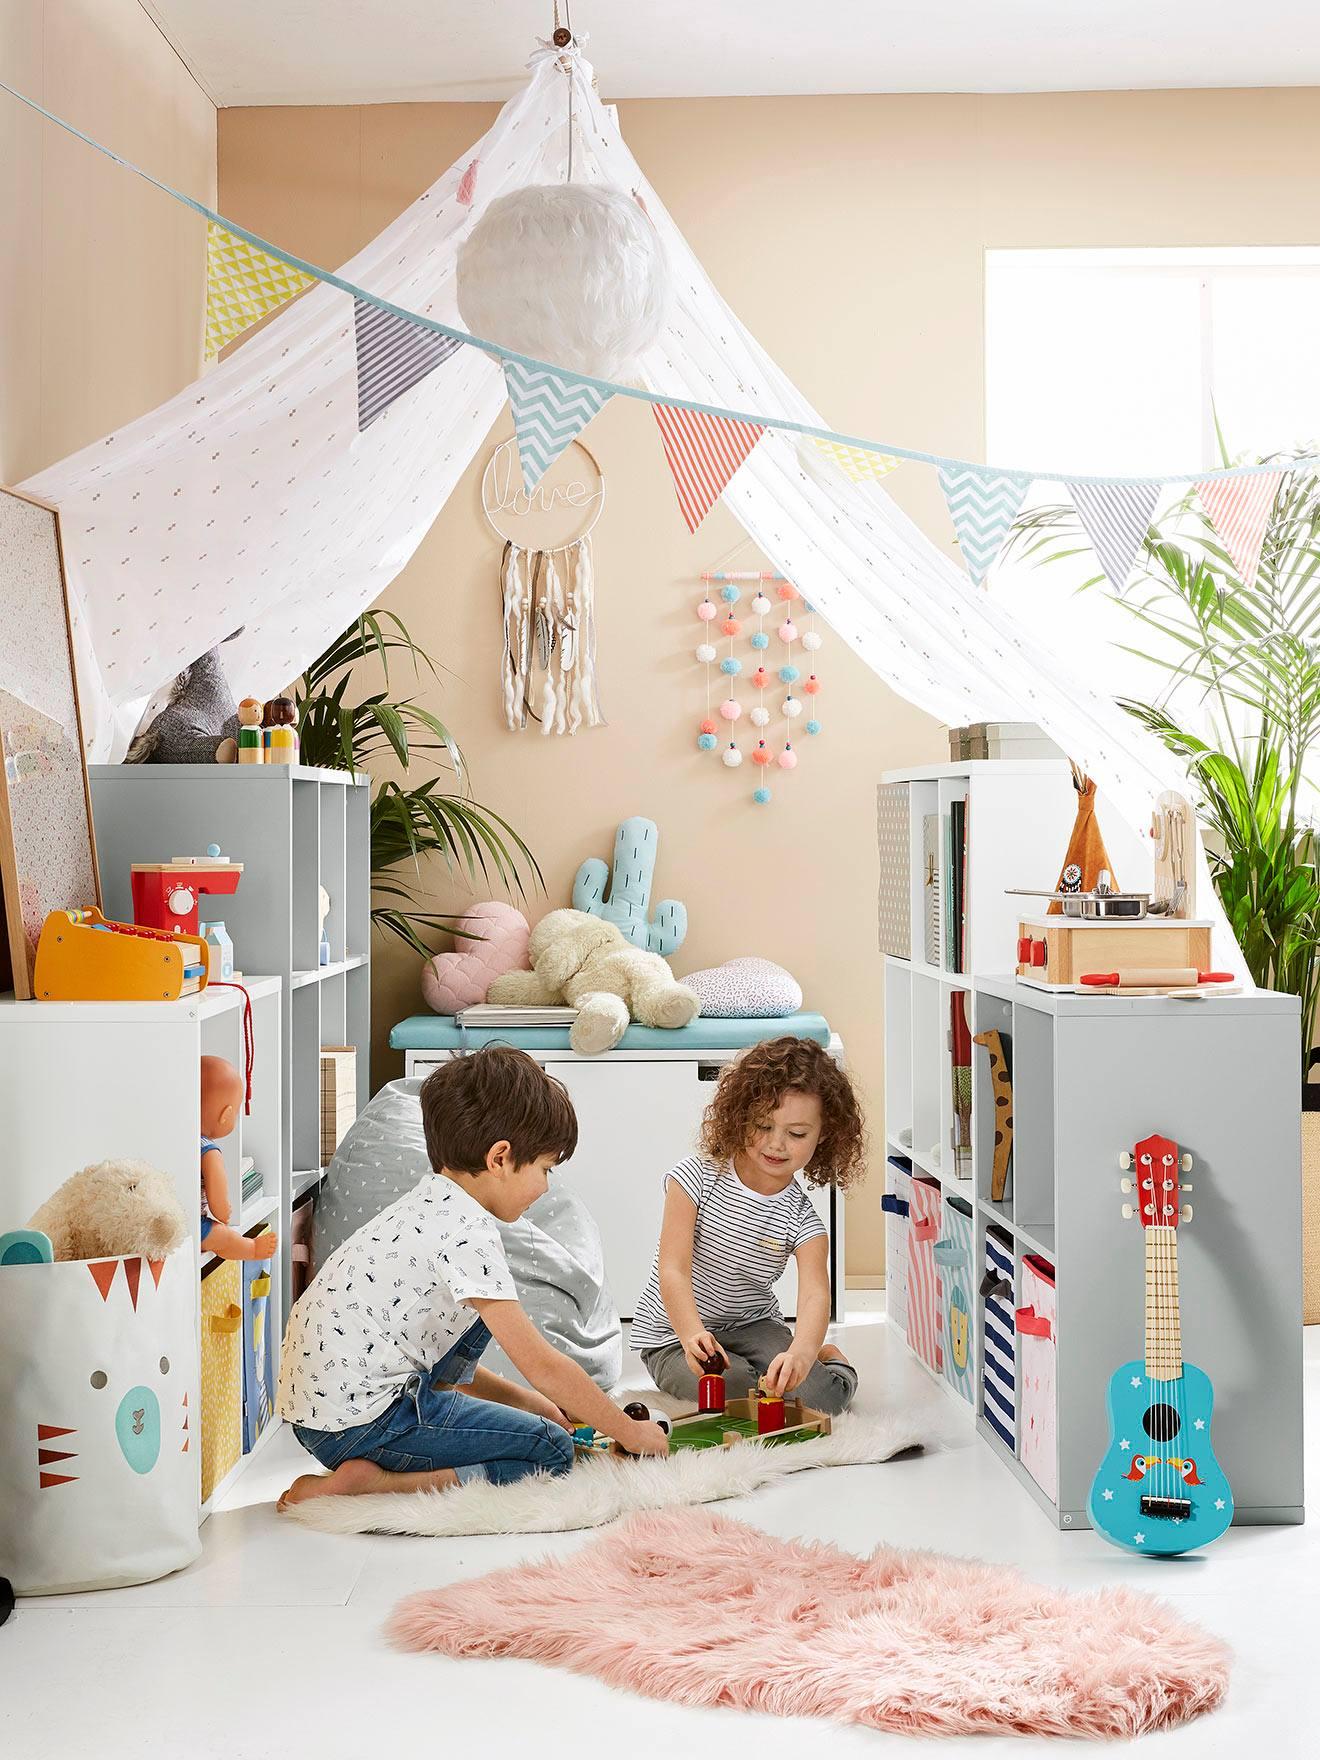 Full Size of Aufbewahrungsboxen Kinderzimmer Holz Mint Design Mit Deckel Plastik Amazon Aufbewahrungsbox Ebay Ikea Stapelbar Vertbaudet 3er Set Regale Regal Weiß Sofa Kinderzimmer Aufbewahrungsboxen Kinderzimmer